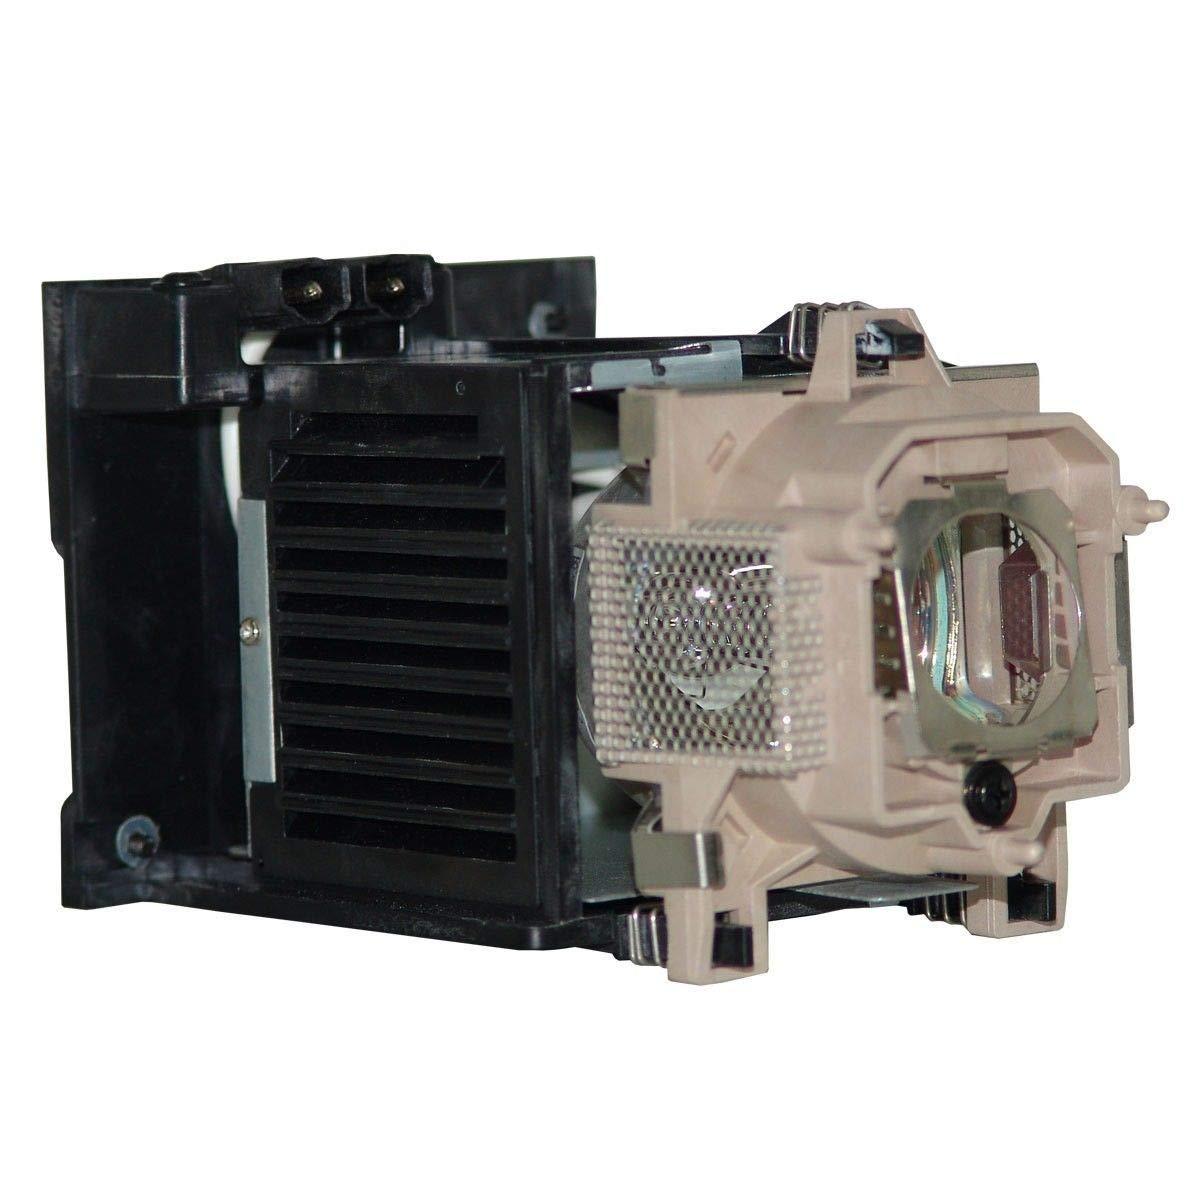 CTLAMP 59.J0C01.CG1 オリジナルプロジェクターランプ ハウジング付き互換電球 BENQ PE7700 / PB7700に対応   B07P98CKBR